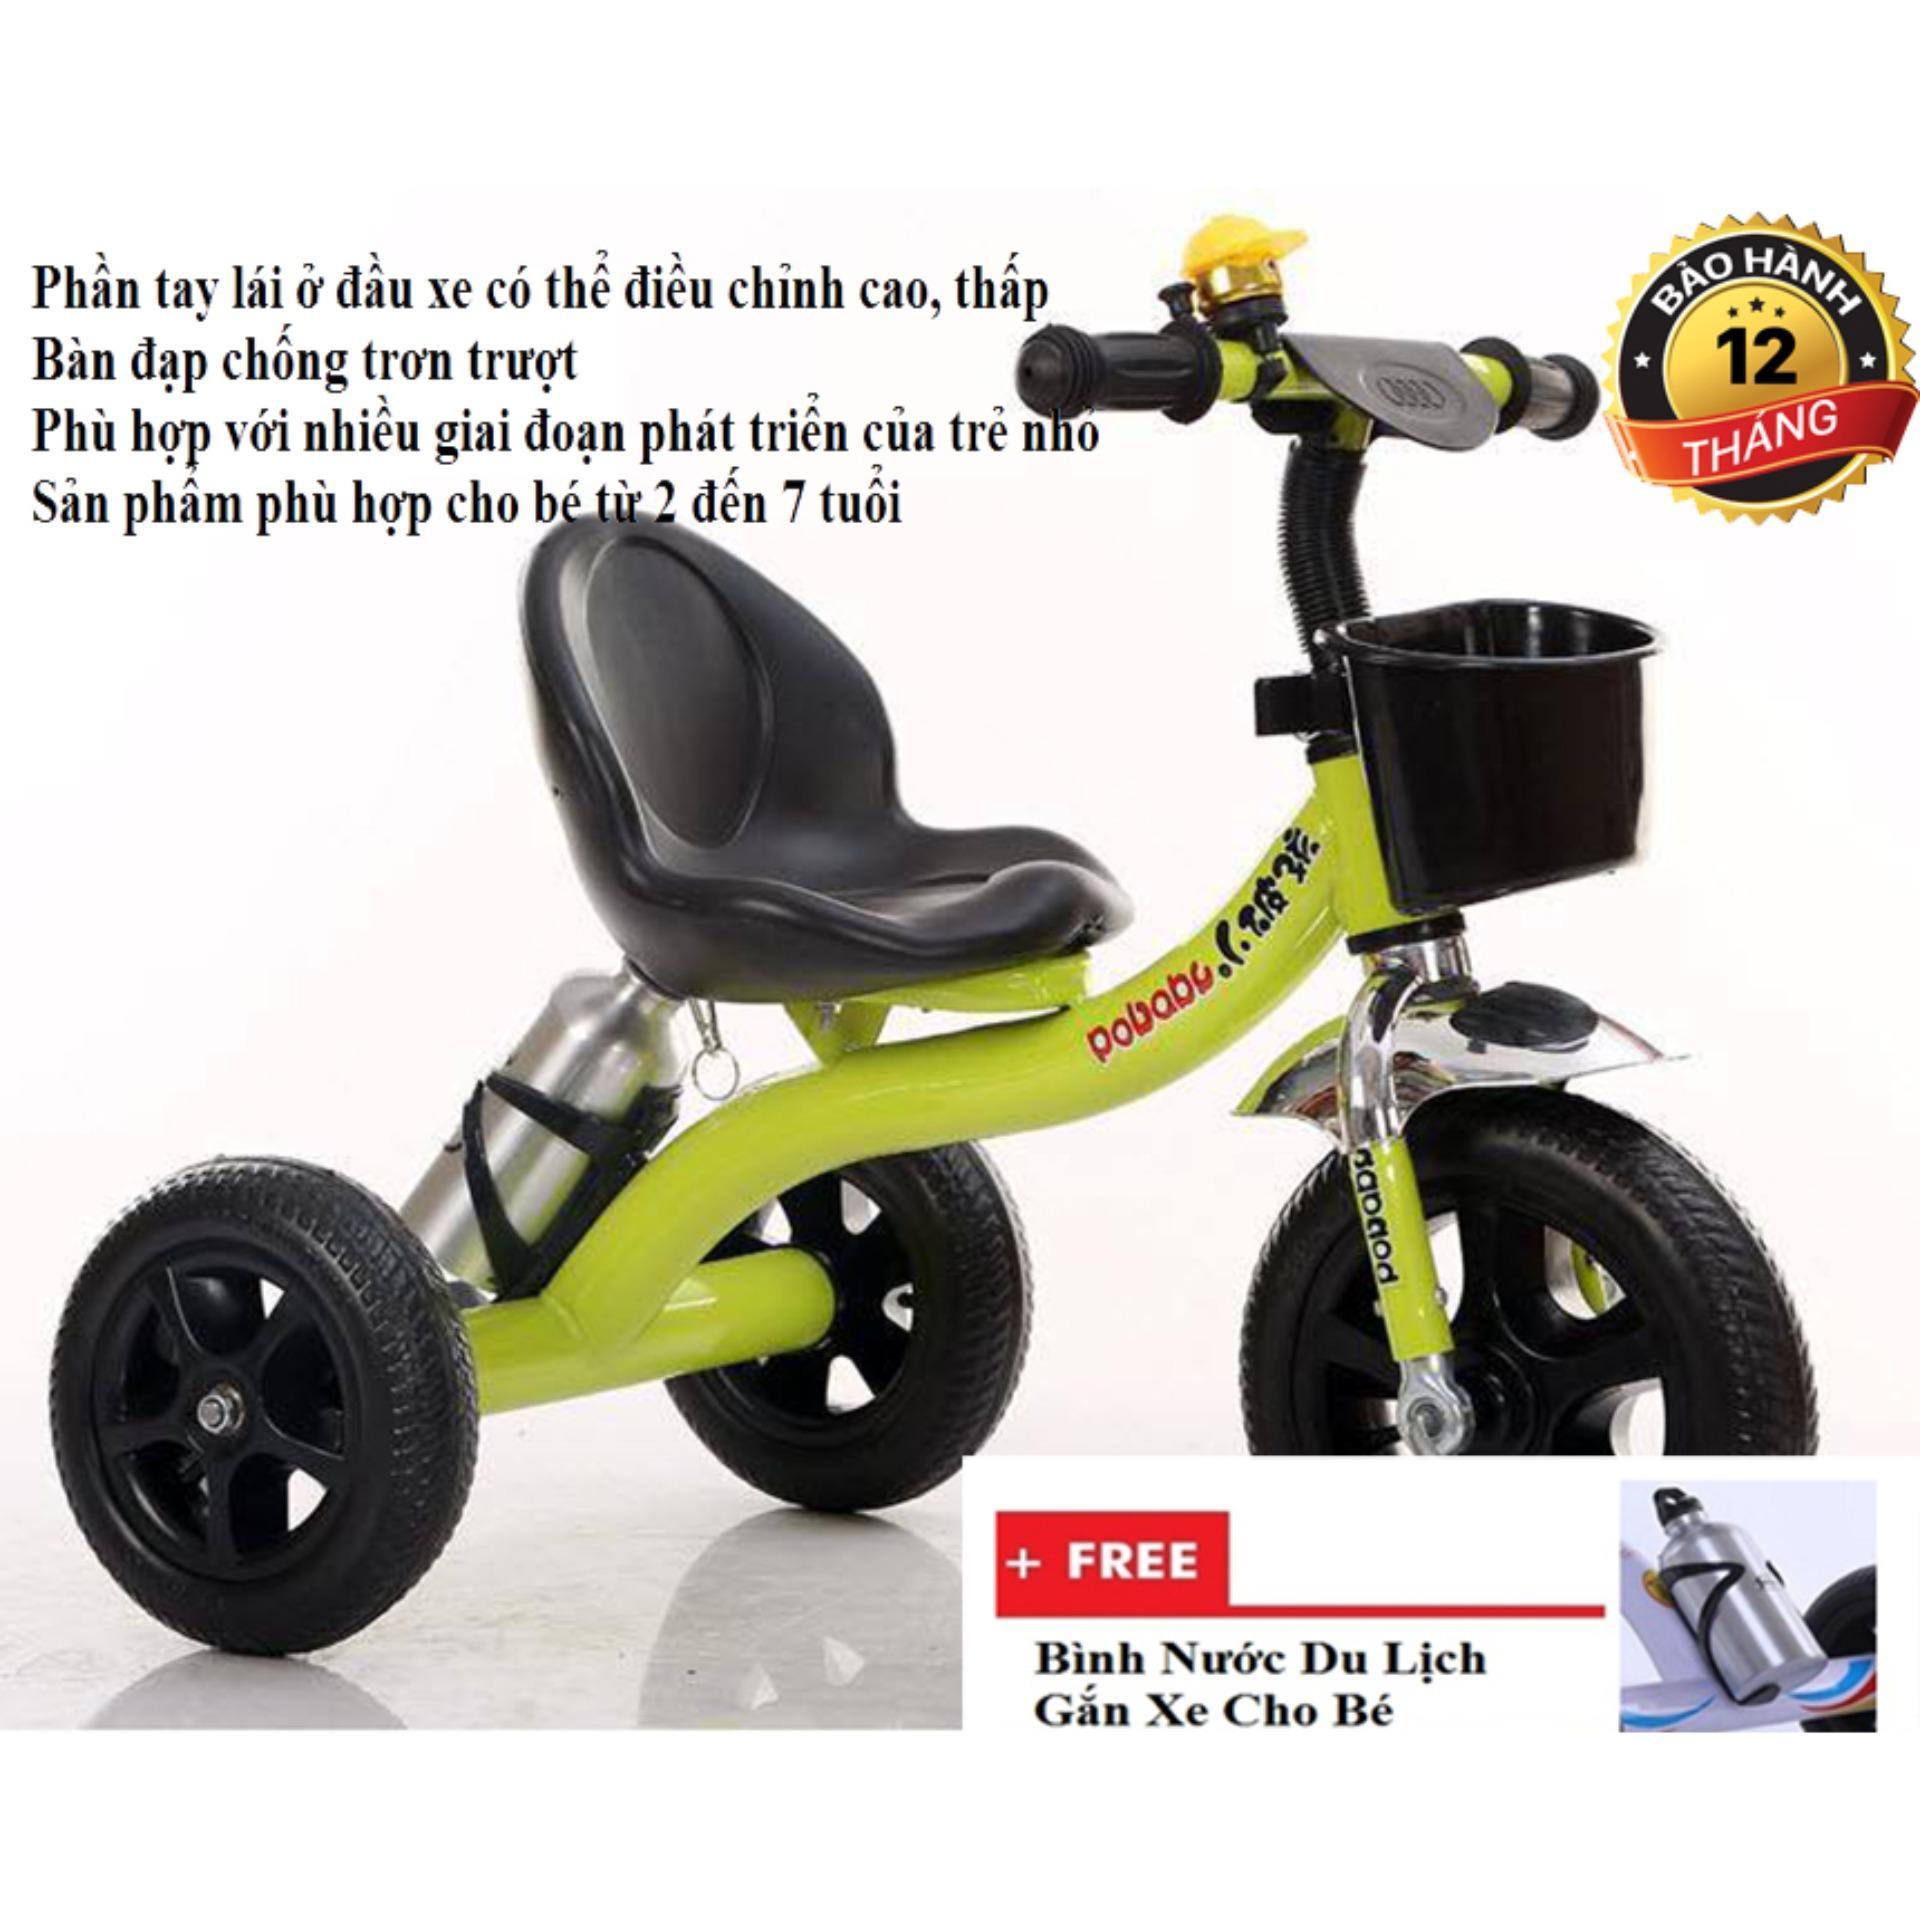 Xe dành cho trẻ em - Xe bình nước trẻ em - Xe đạp 3 bánh cho bé - Thiết kế thông minh, chất liệu cao cấp, món quà không thể thiếu của các bạn nhỏ Bảo hành uy tín 1 đổi 1 ( tặng kèm ngay 1 nình nước cao cấp, số lượng có hạn)